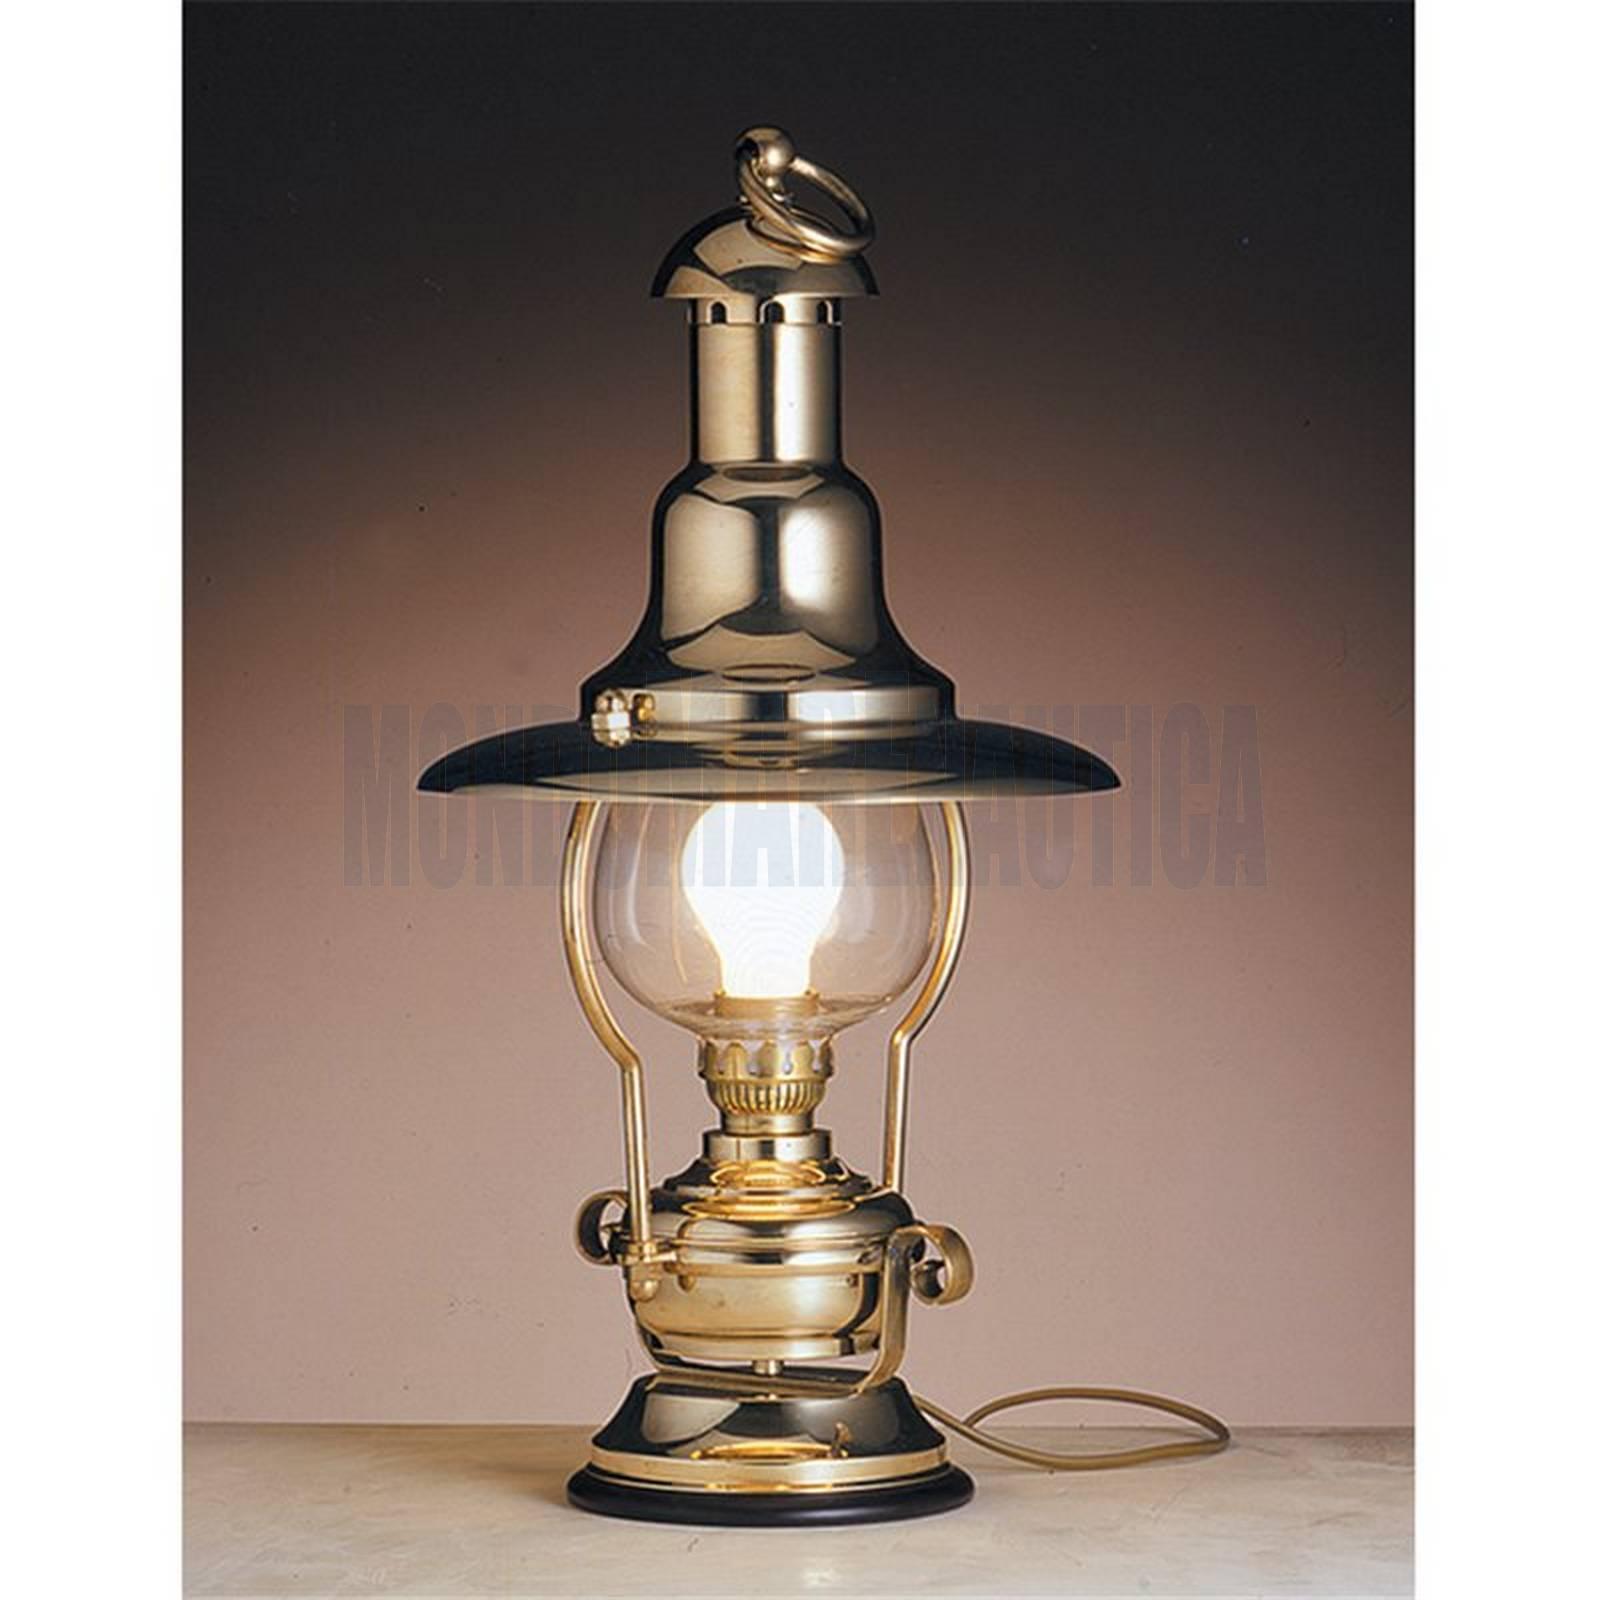 Lampada Da Tavolo Ottone Lanterna Elettrica In Vendita Lampade Old Navy Vecchia Marina Arredo E Oggettistica Vendita Lampada Da Tavolo Ottone Lanterna Elettrica